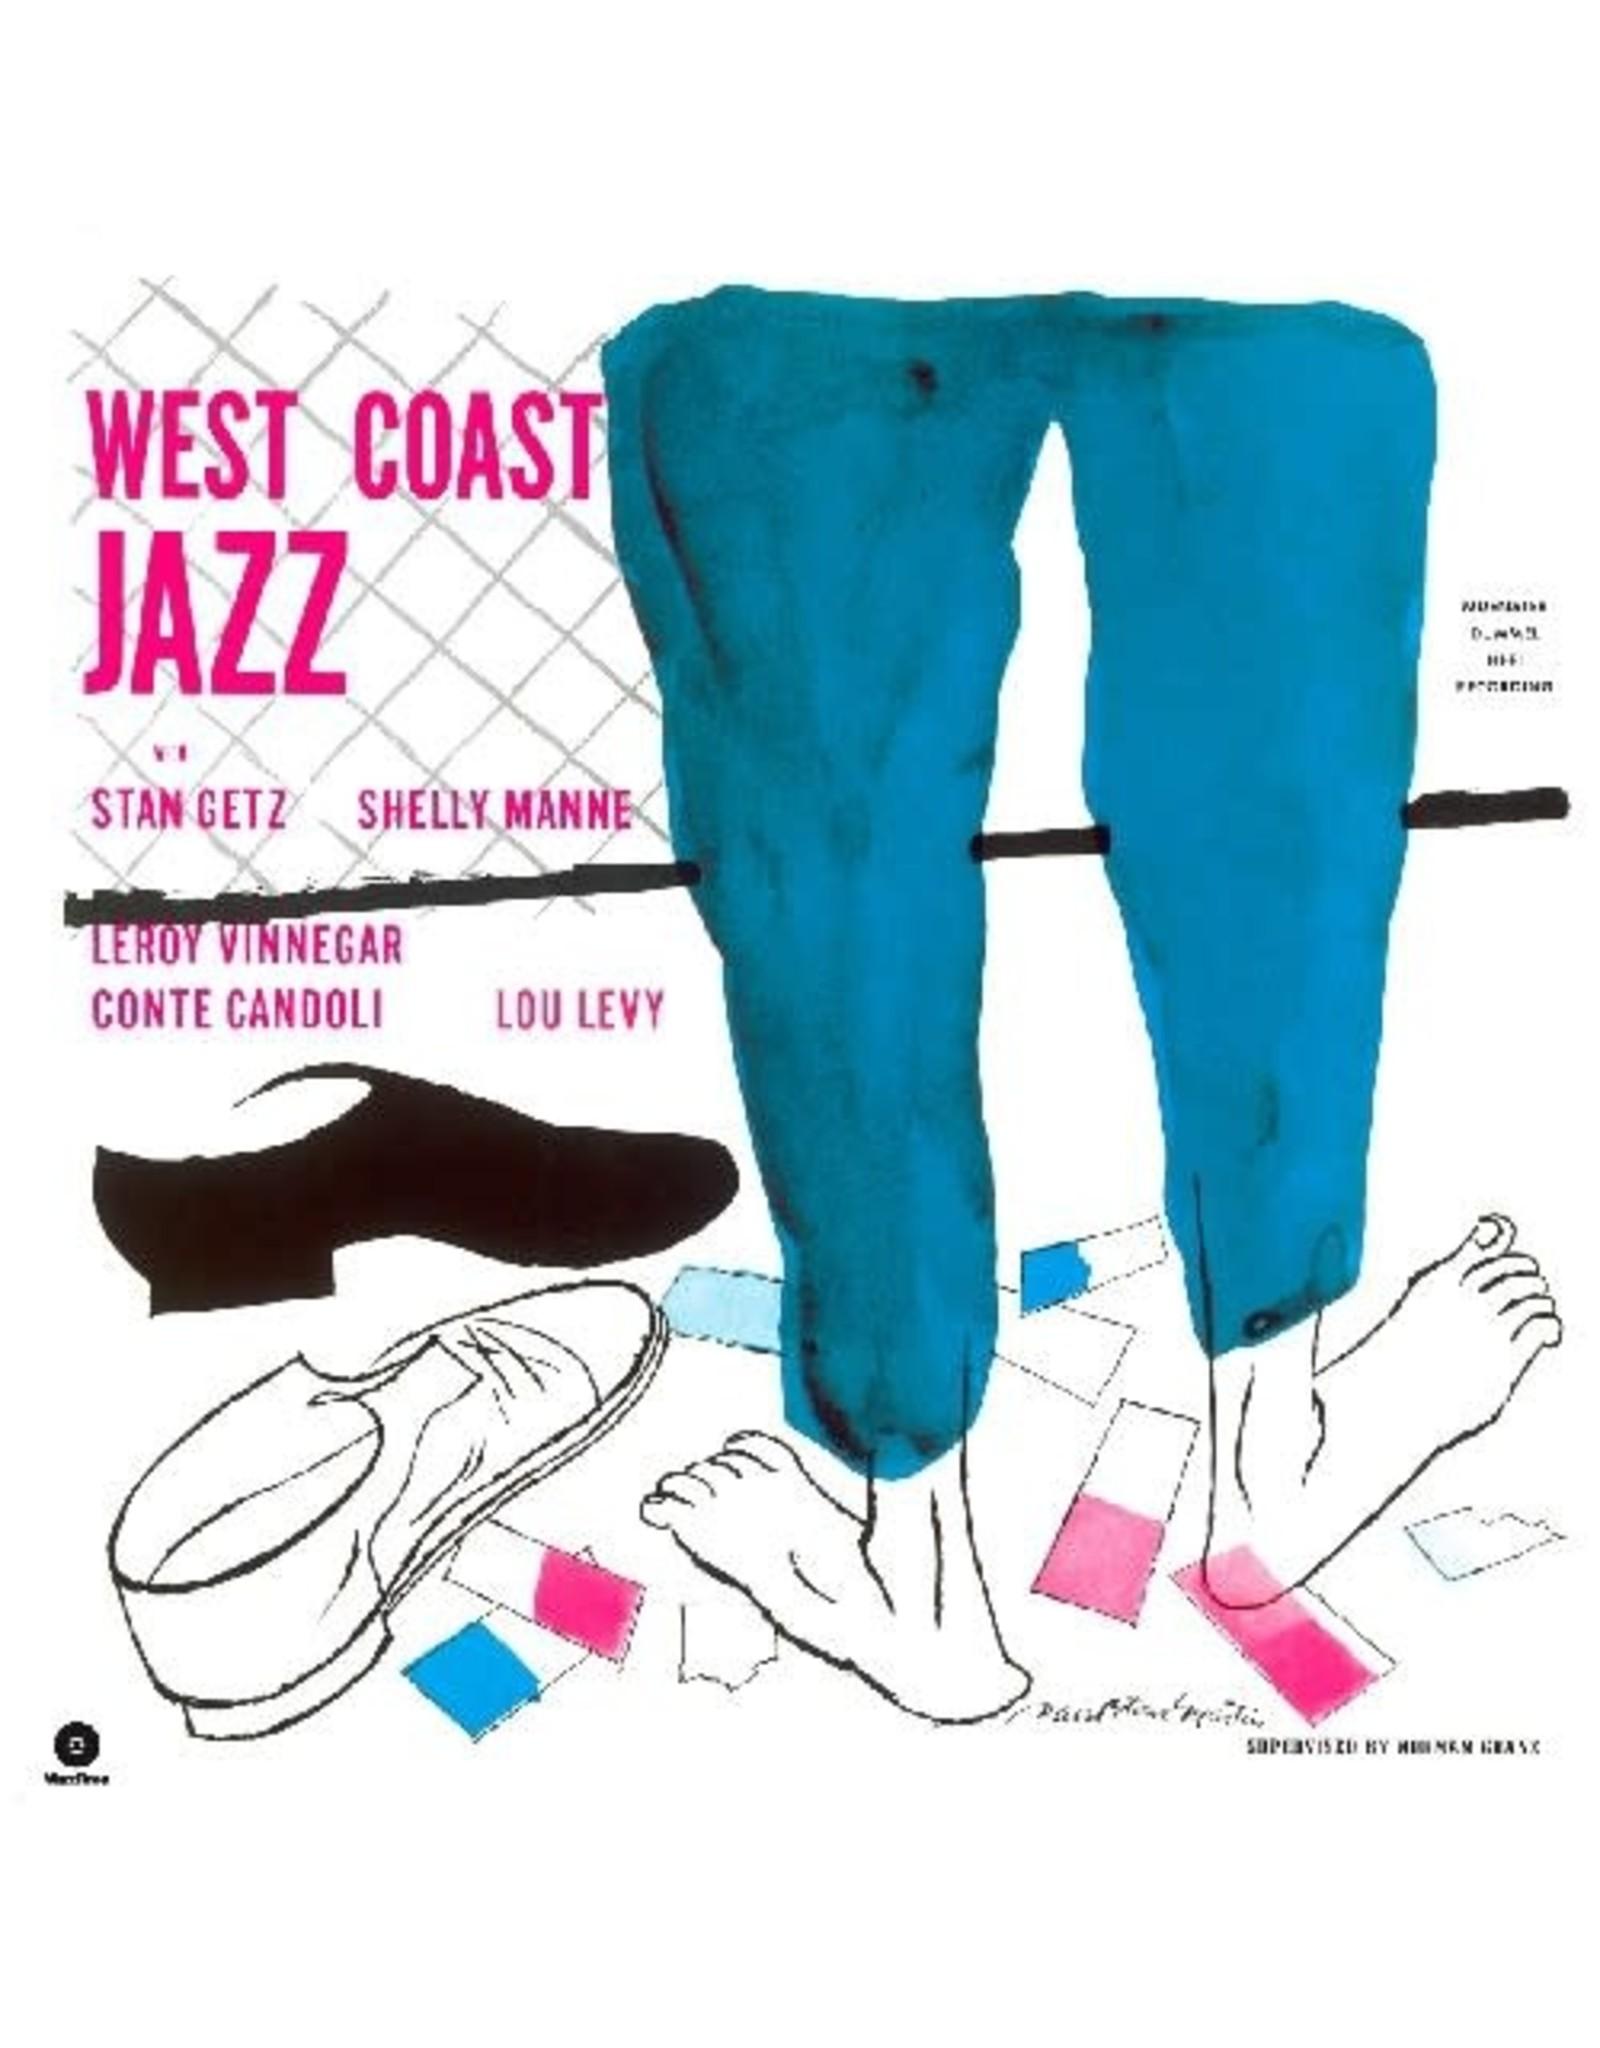 New Vinyl Stan Getz - West Coast Jazz LP